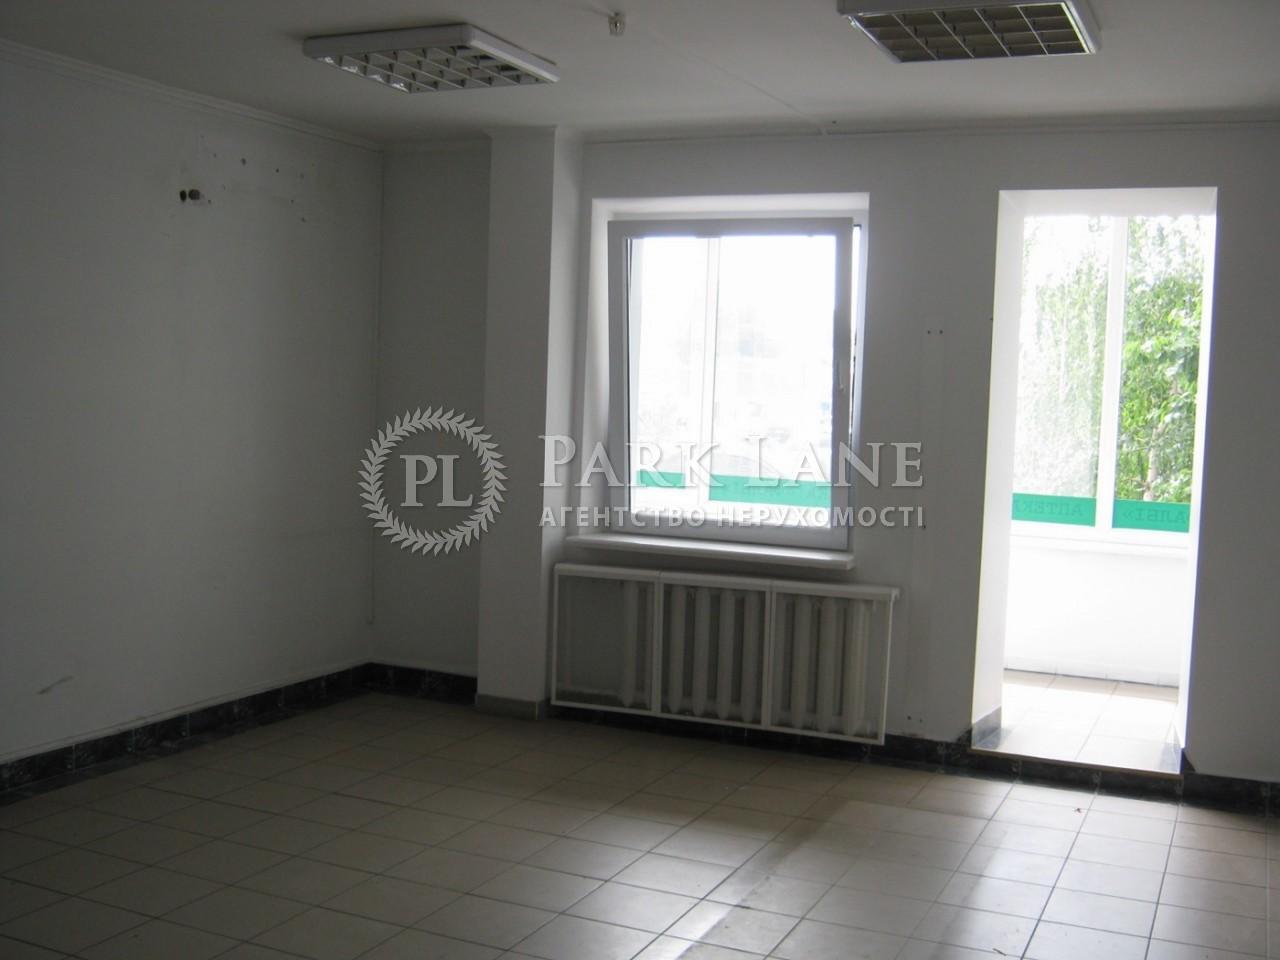 Нежилое помещение, ул. Декабристов, Киев, R-34189 - Фото 6